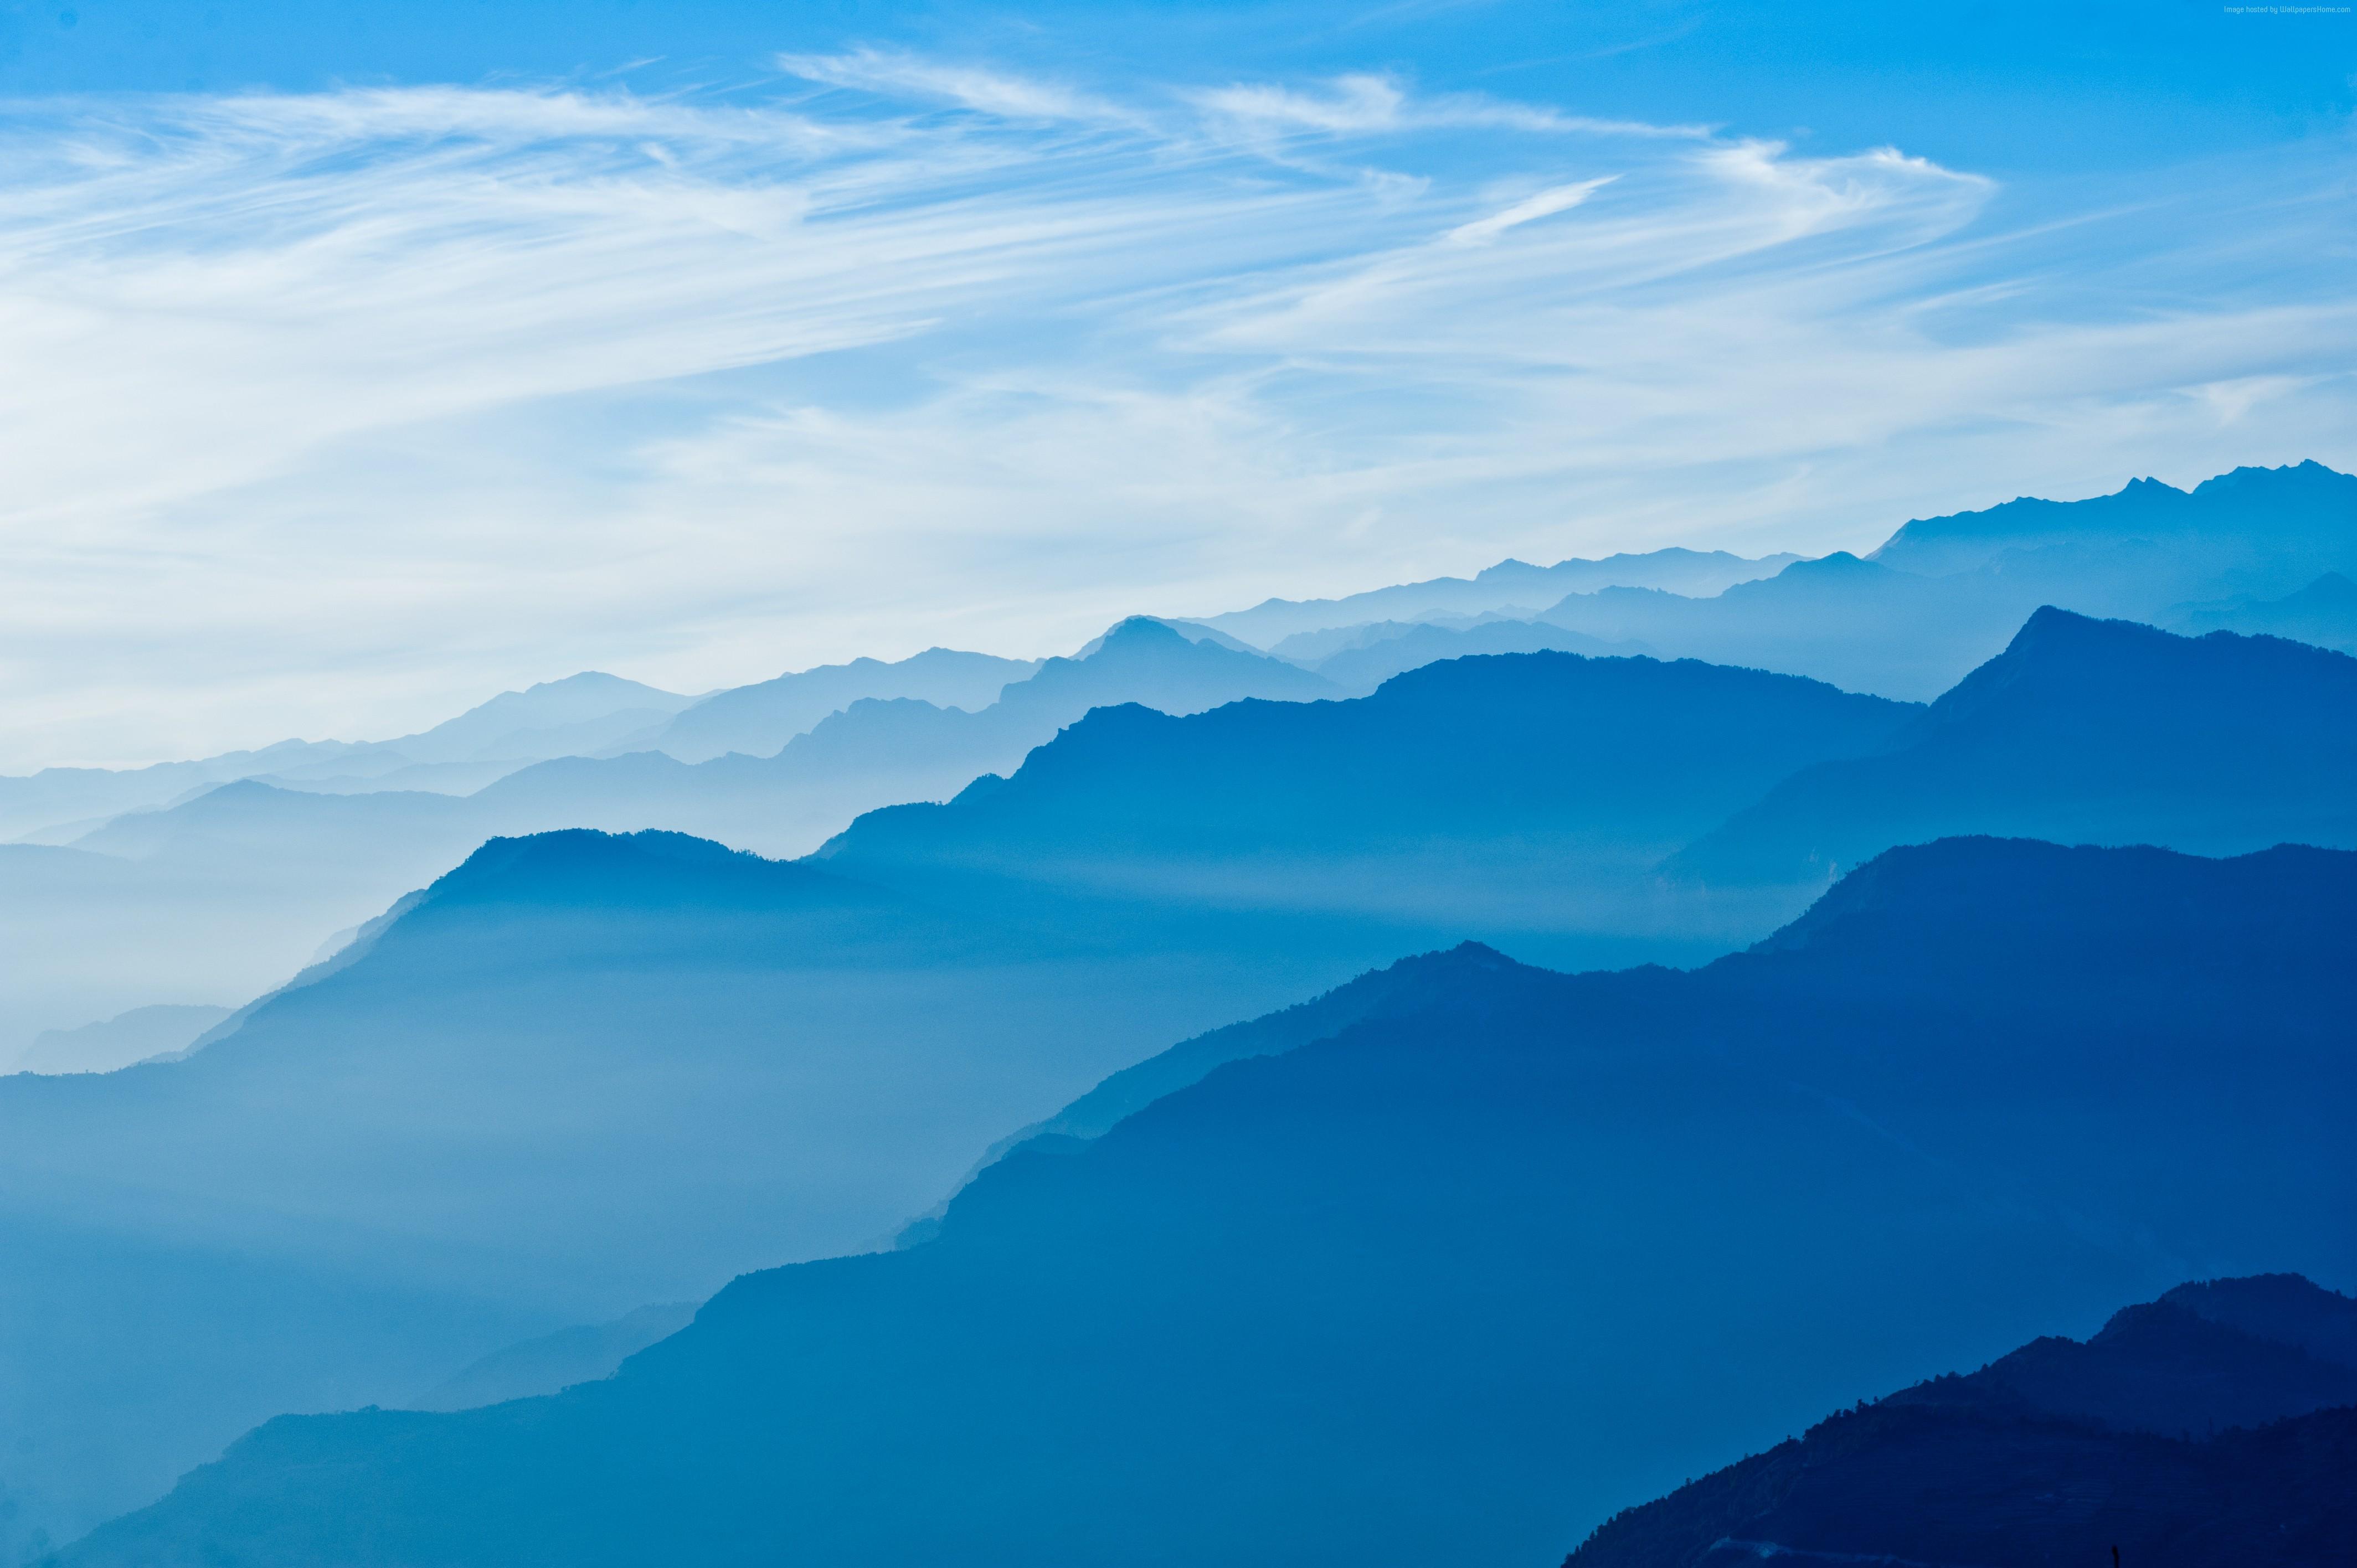 Himalayas 4256×2832 5k 4k Wallpaper Nepal Mountains